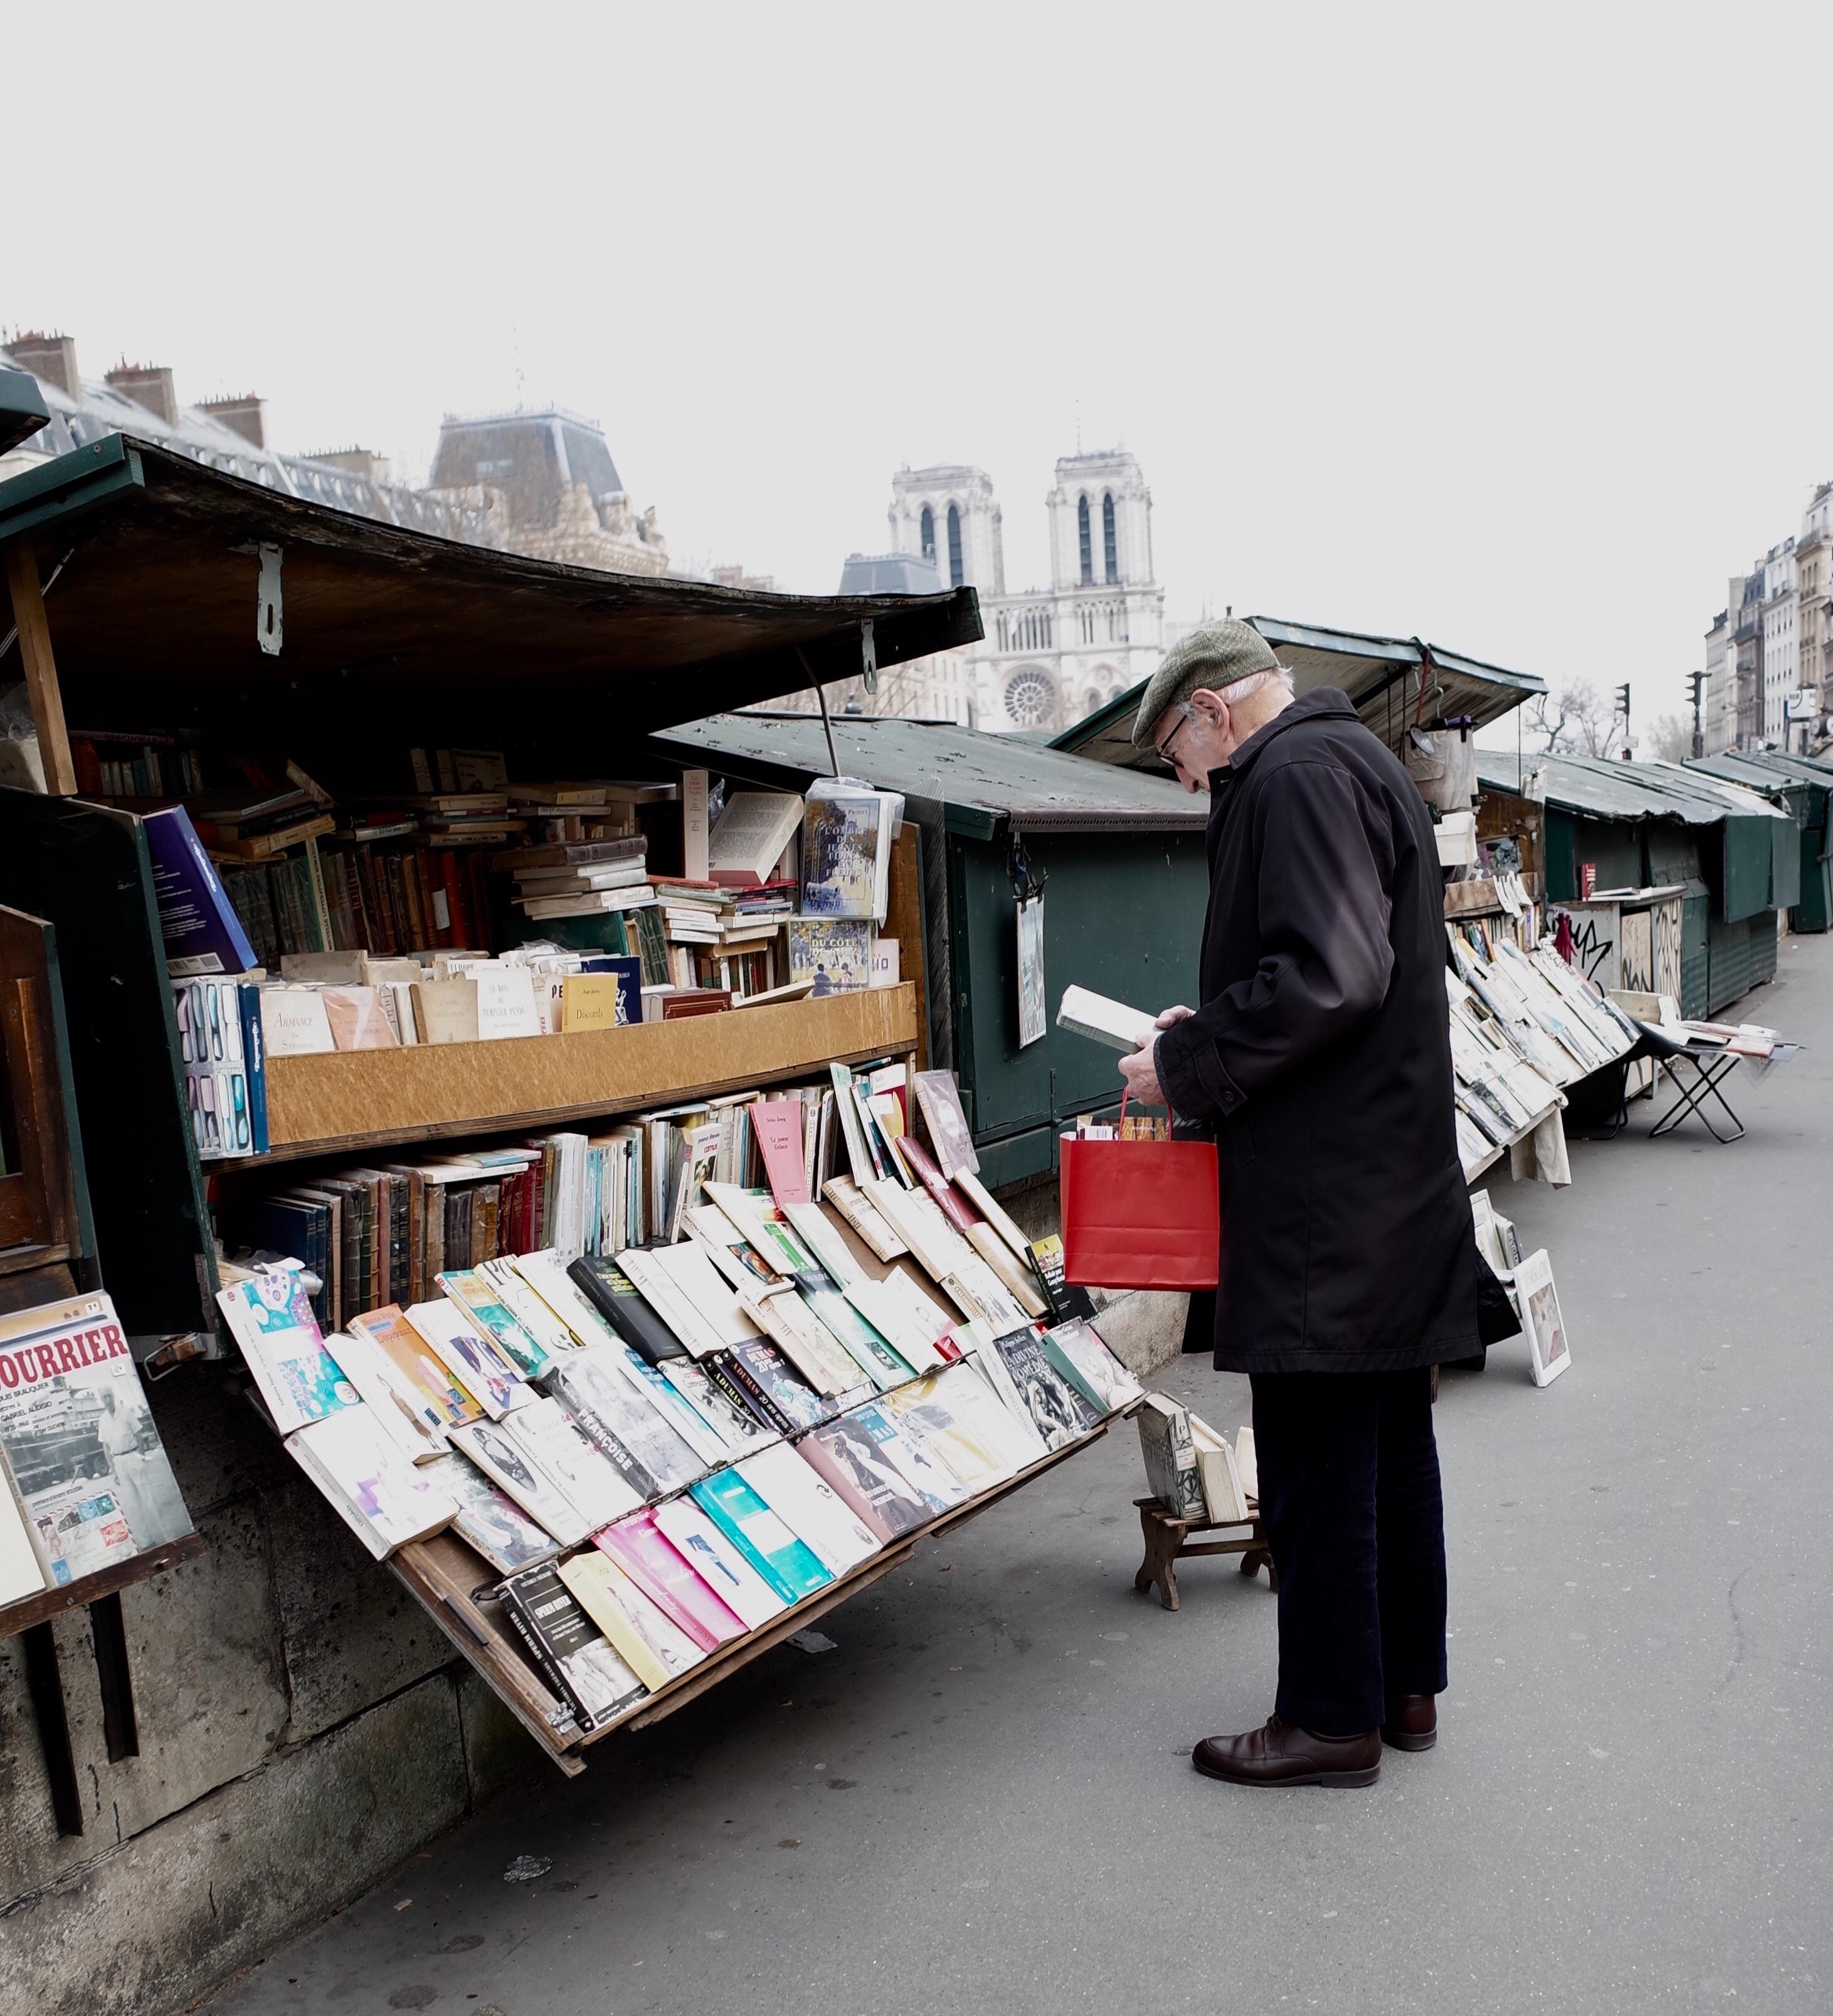 f:id:paris_commune:20190717160013j:image